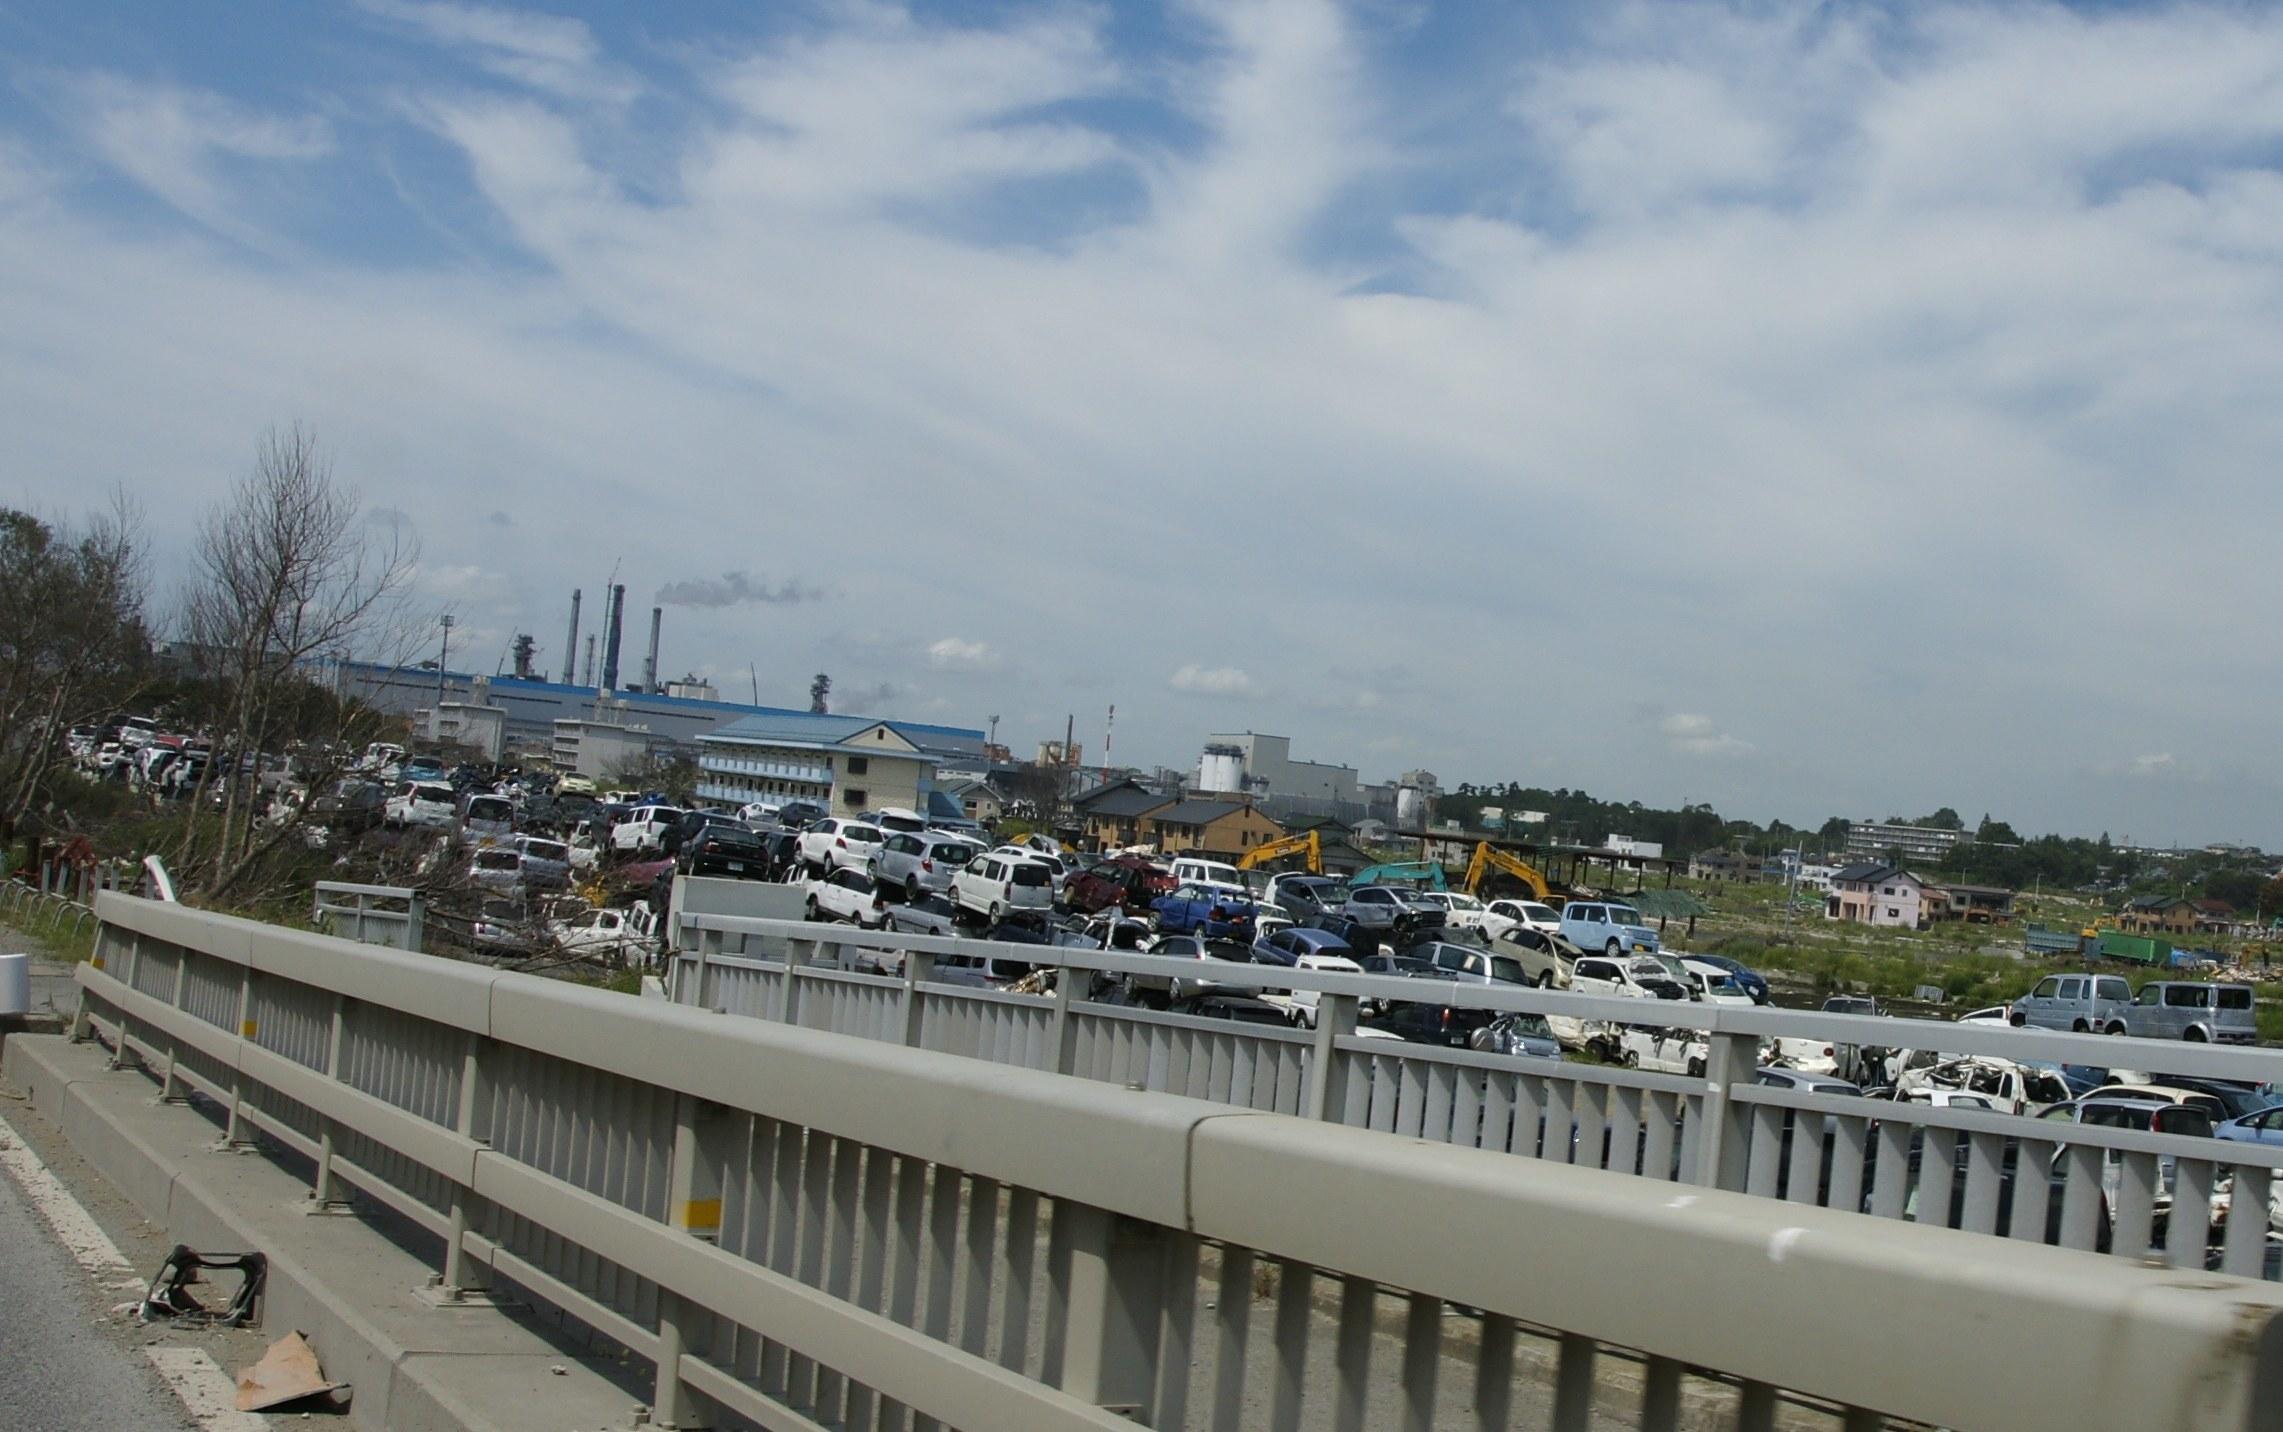 Piles of scrap cars